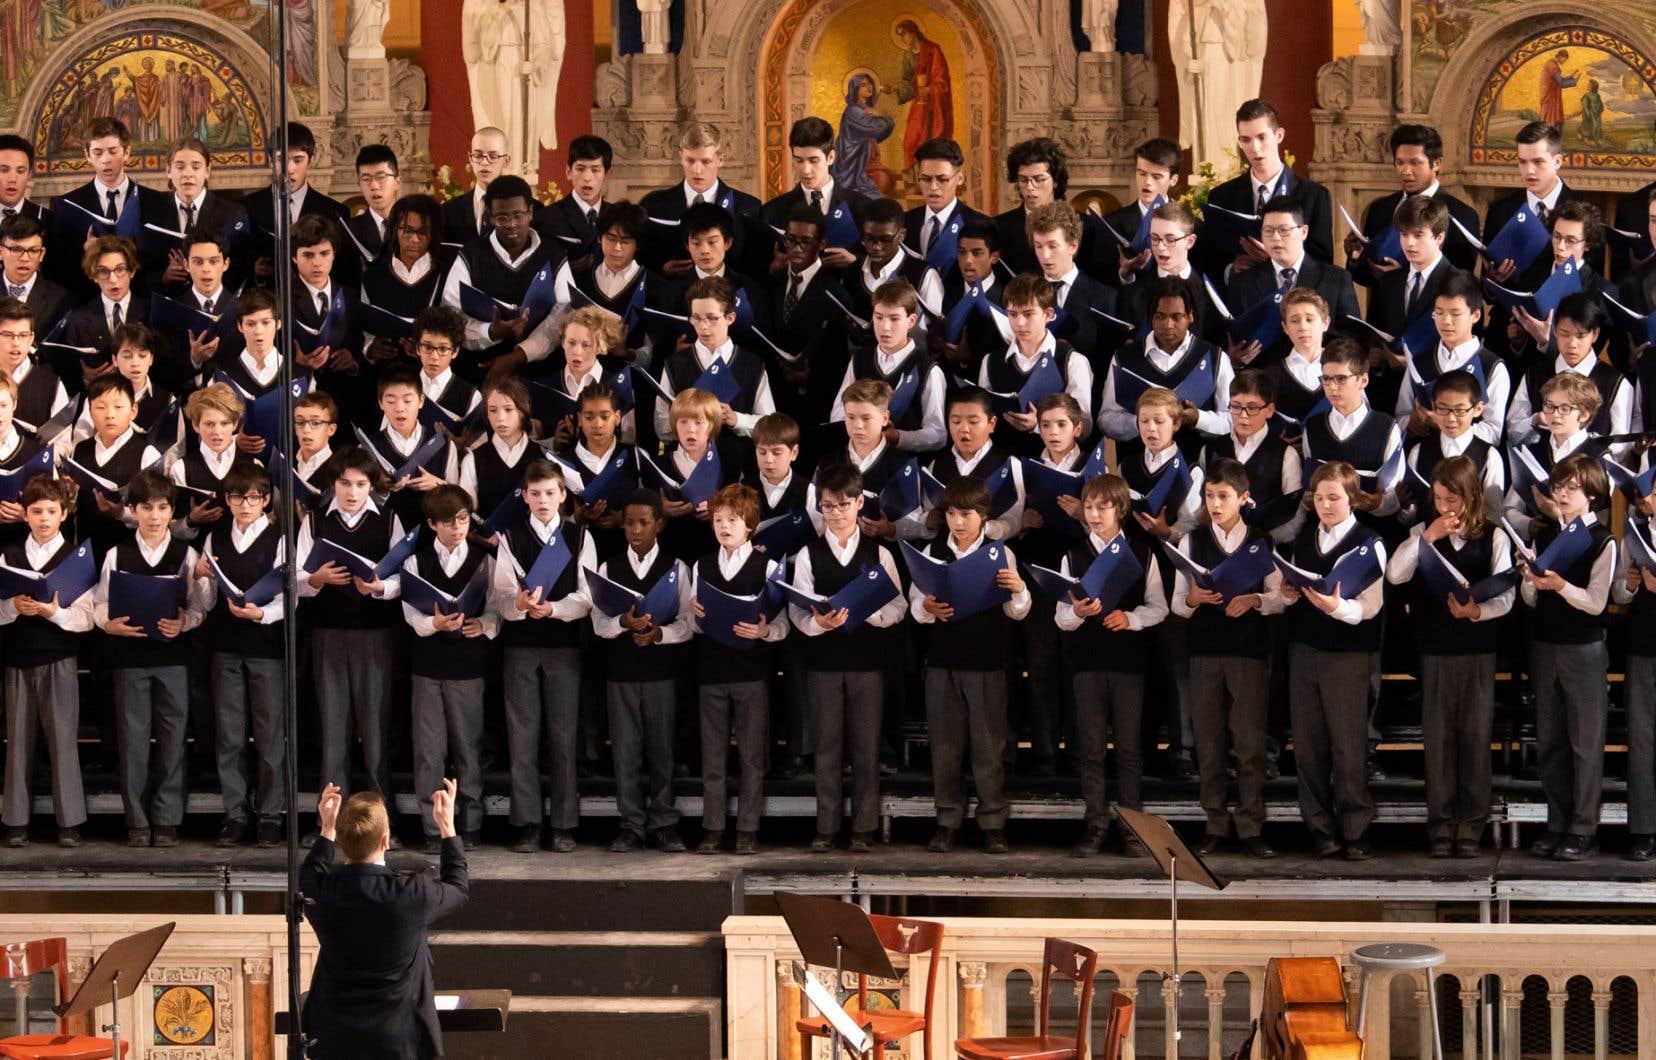 En vertu de l'accord historique qui doit prendre fin, les Petits Chanteurs du Mont-Royal pouvaient faire leur secondaire au Collège Notre-Dame, un établissement privé.